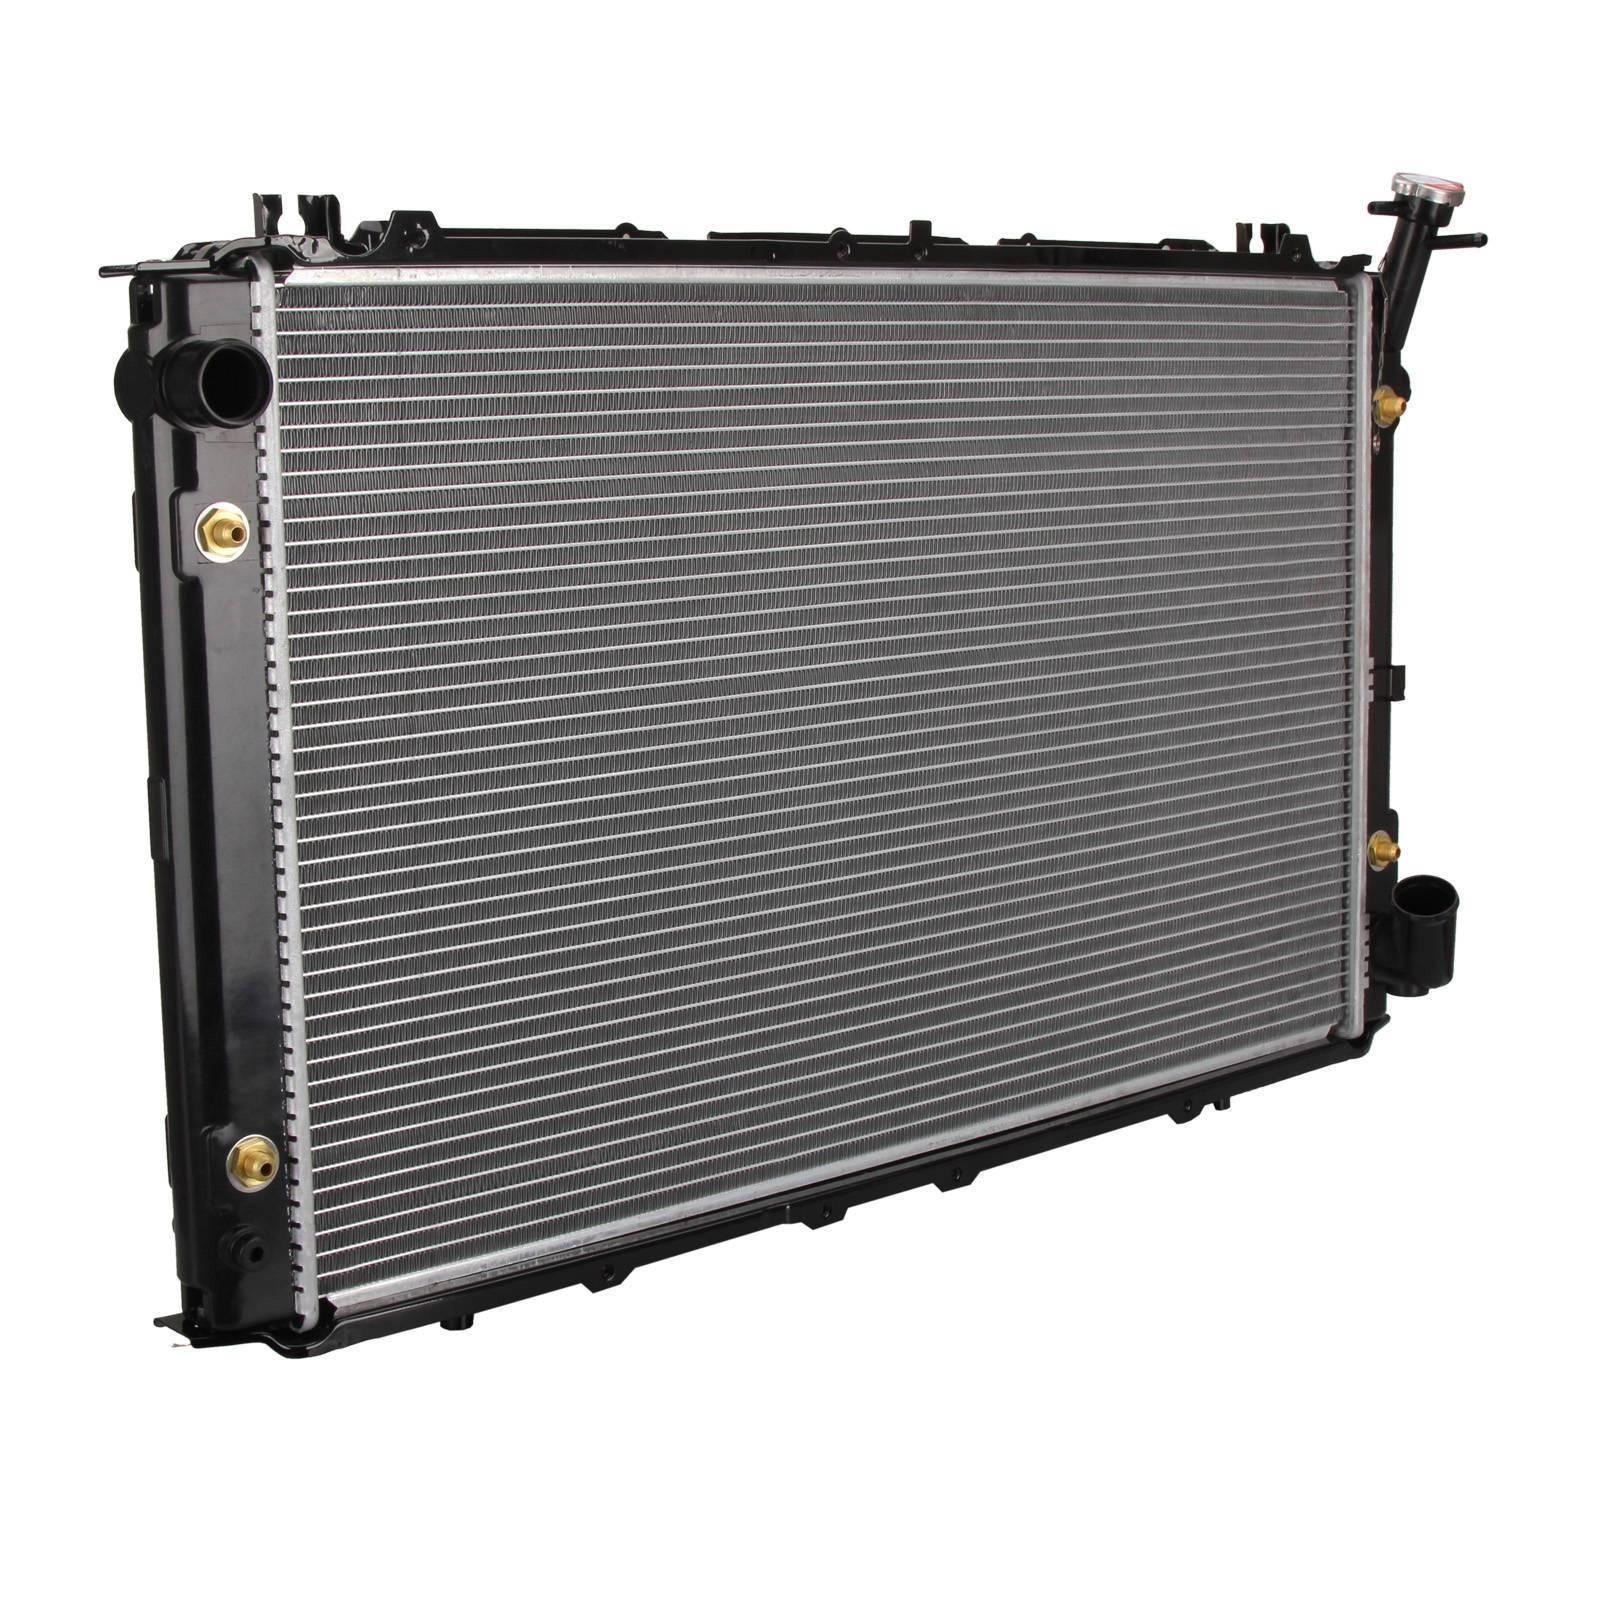 Radiator For Nissan GQ Patrol Y60 Series 4.2L Petrol TB42S TB42E Auto/Manual